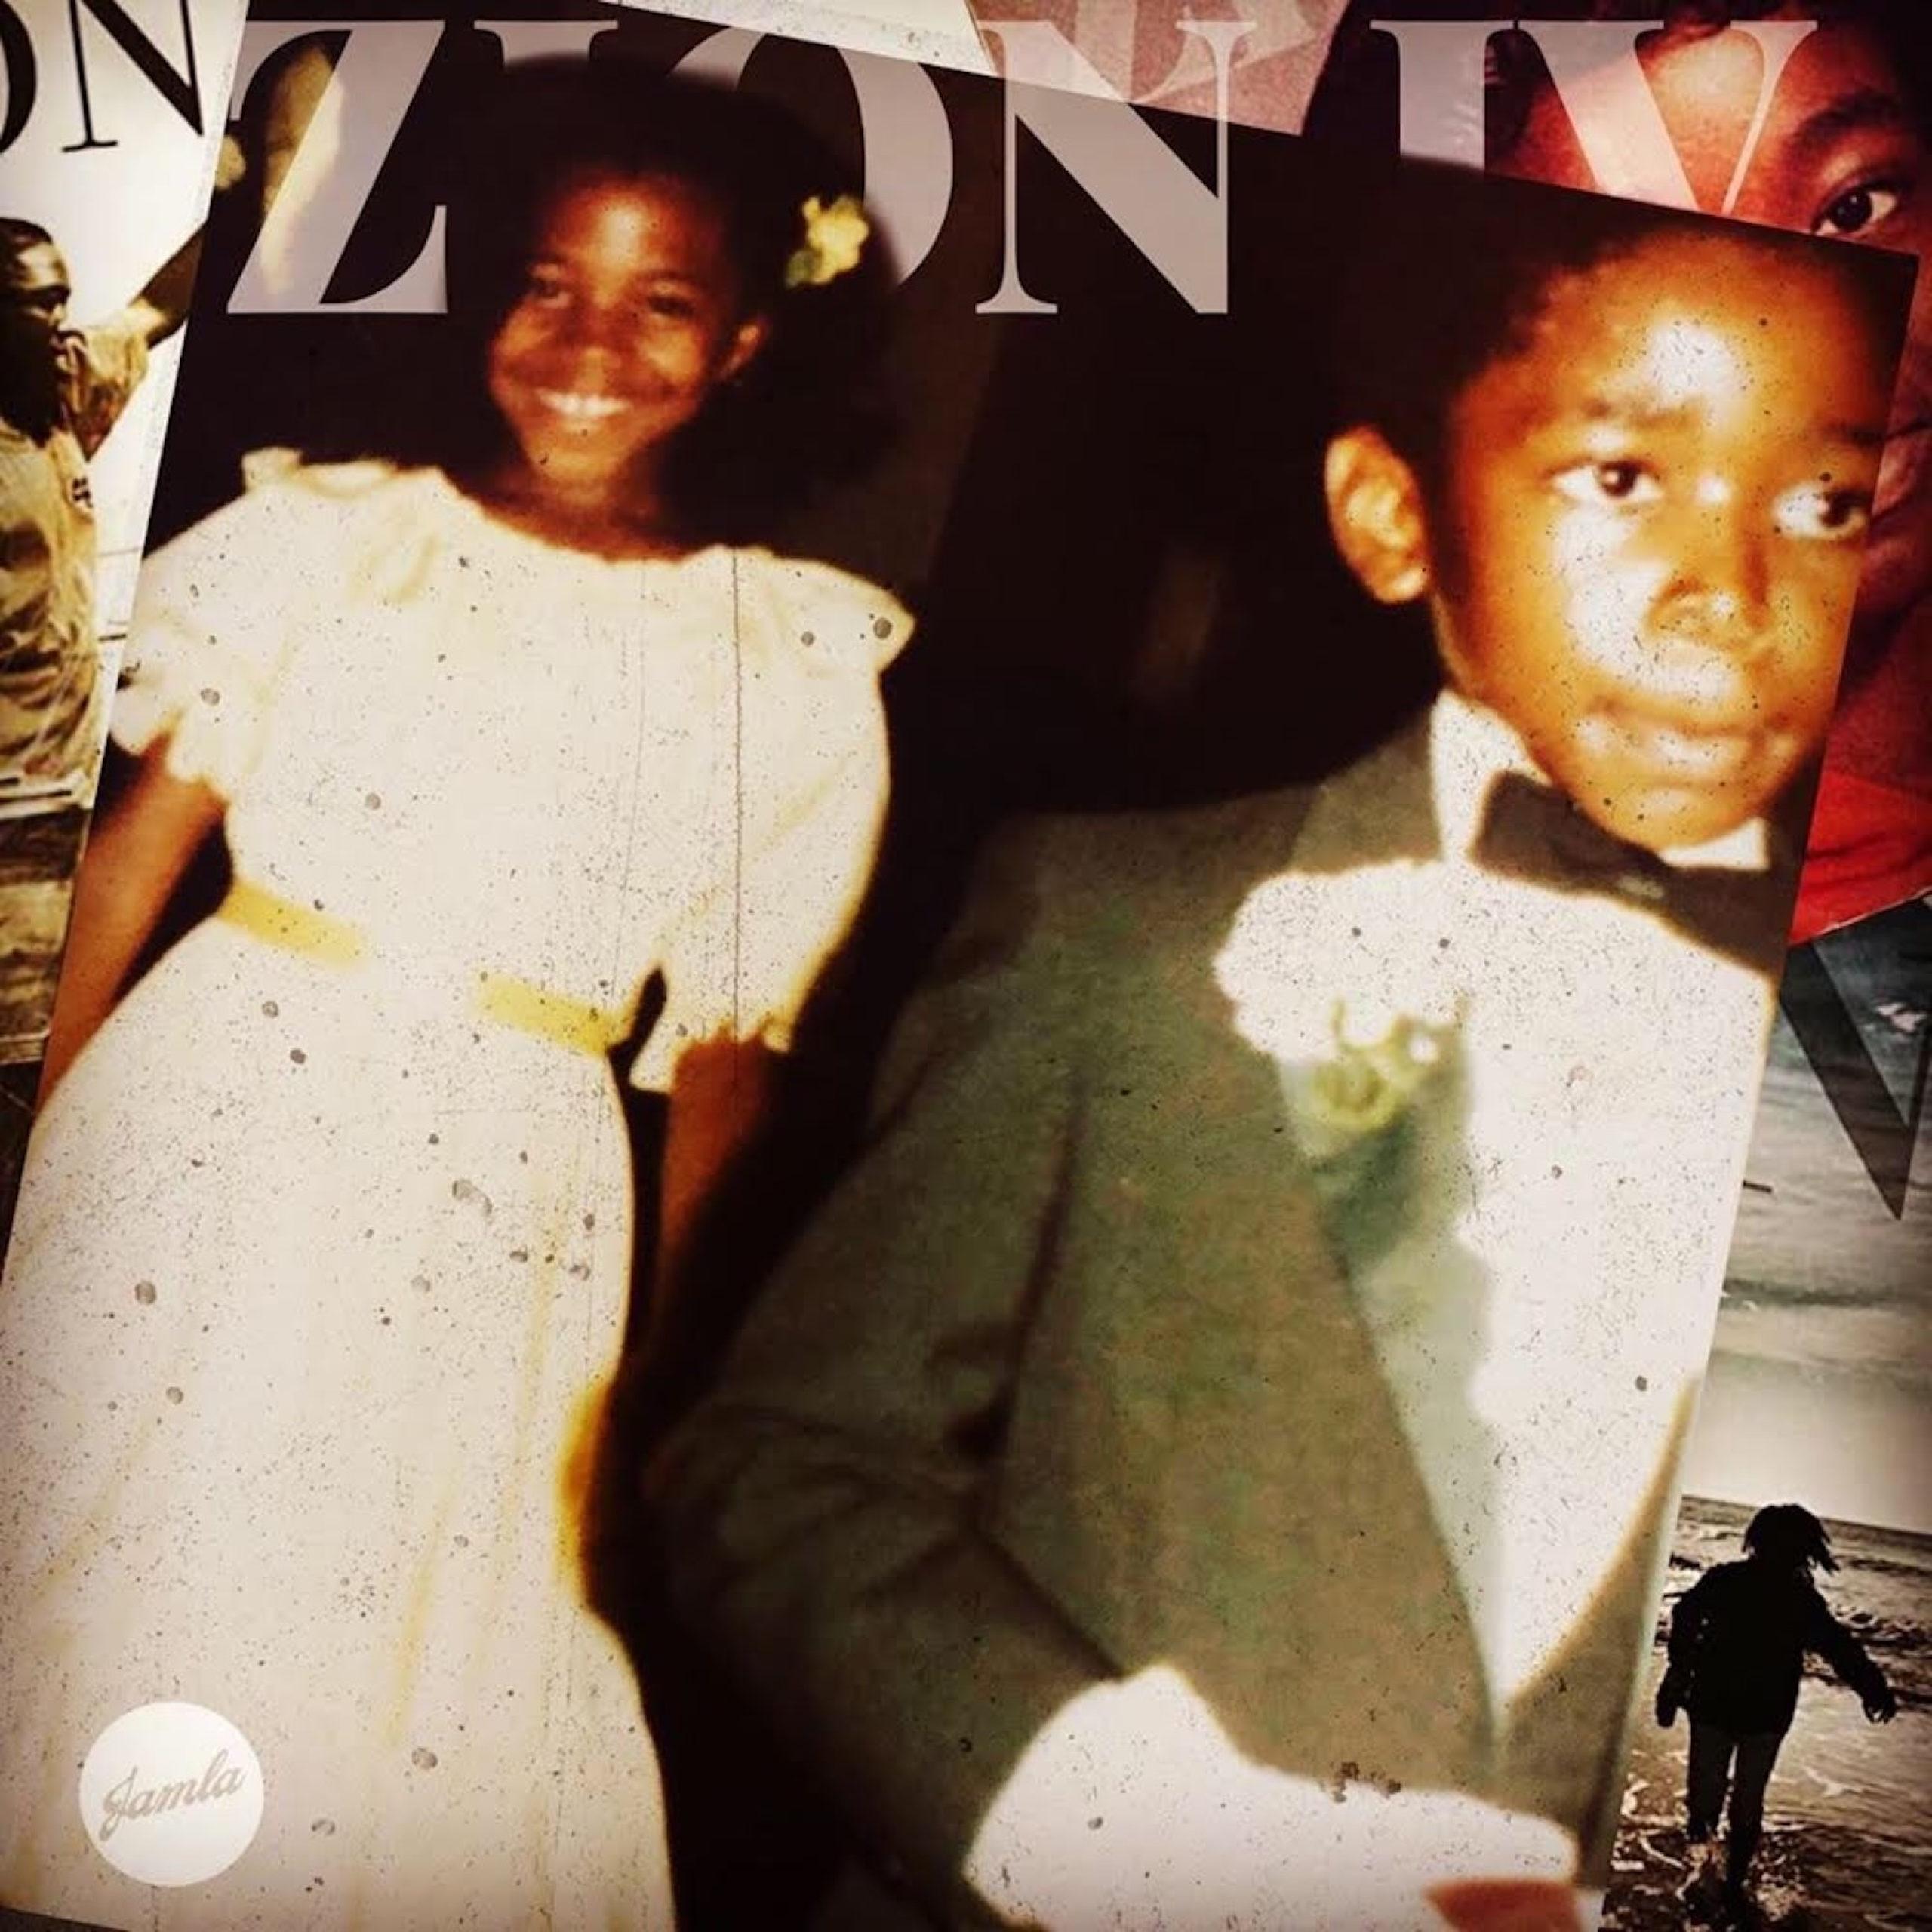 9th Wonder - Zion IV [album]